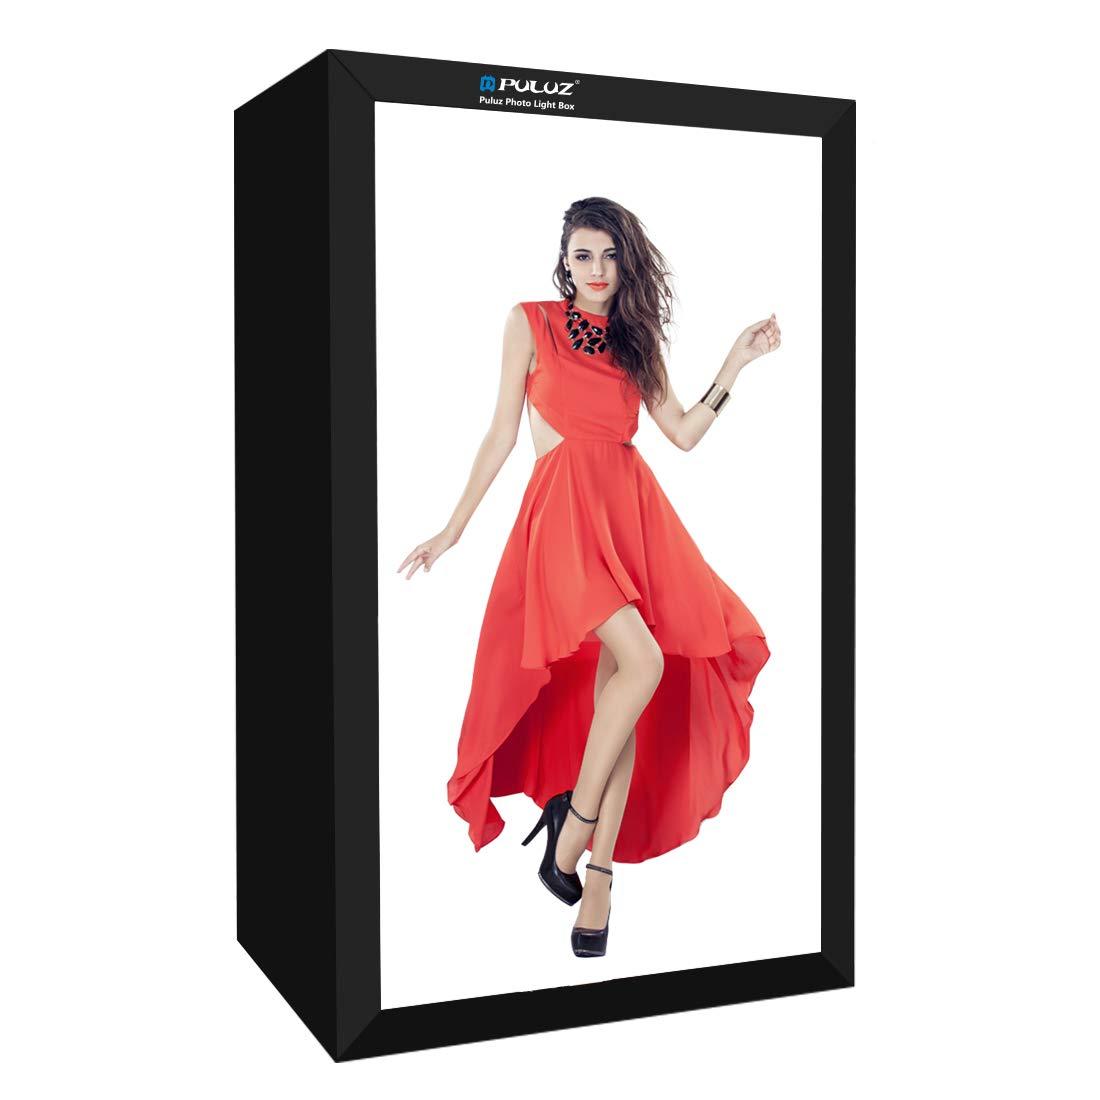 PULUZ Photo Studio Light Box Portable 200 X 120 X 80cm Light Tent LED 5500K Mini 240W Photography Studio Tent Kit with 1 Removable White Backdrop